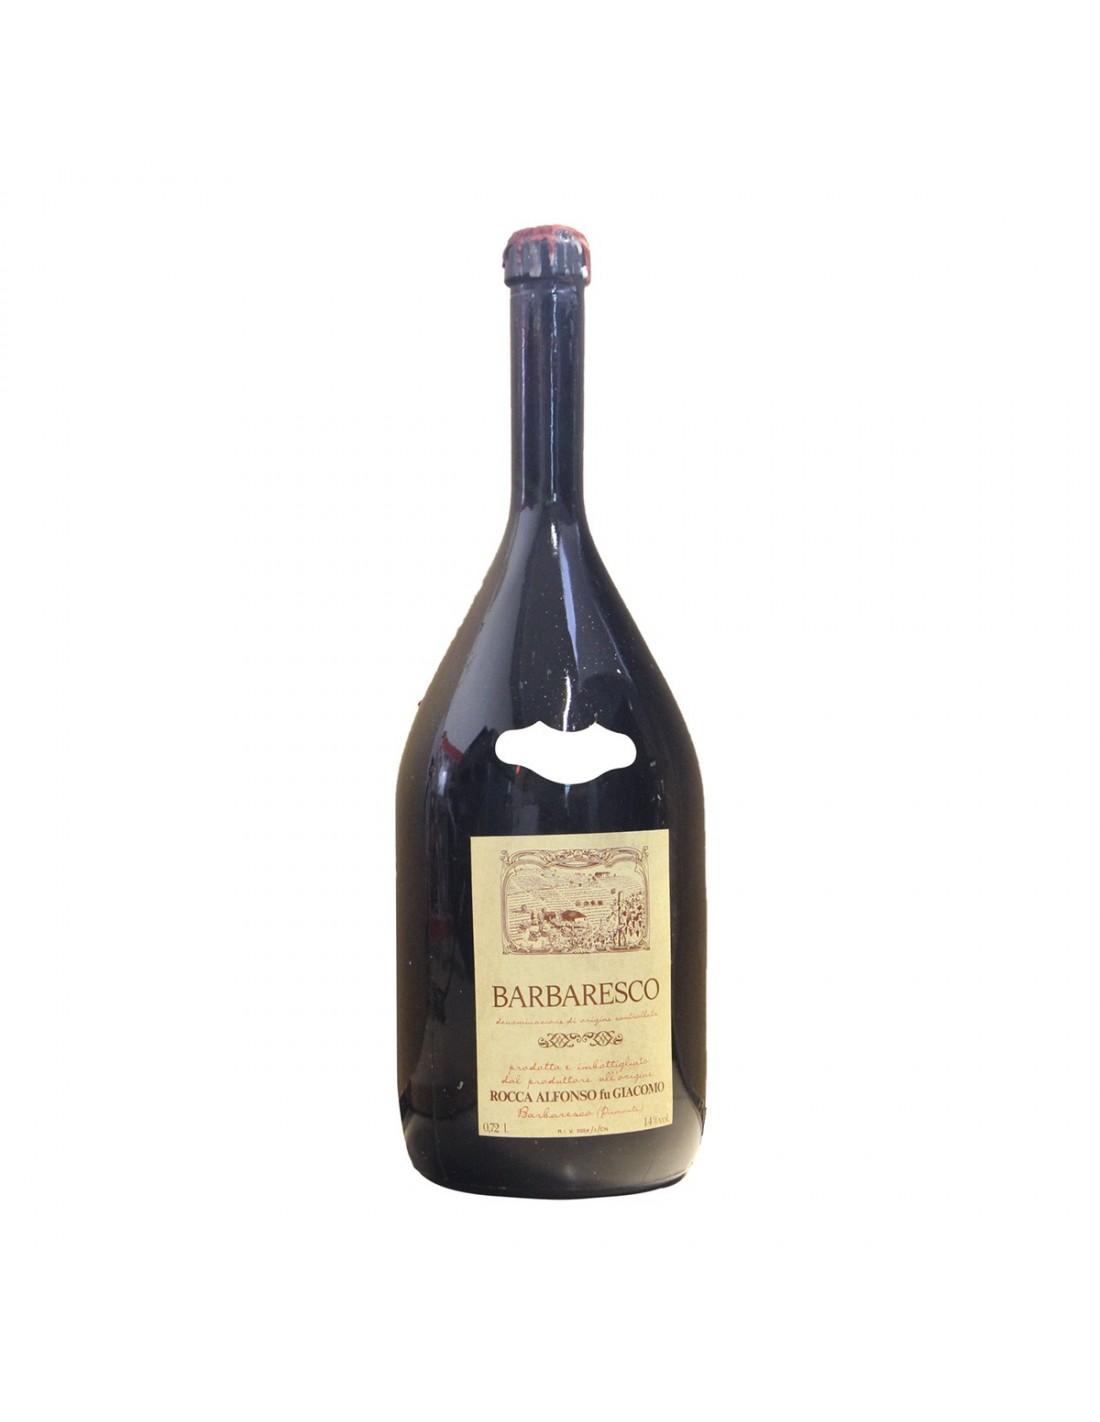 BARBARESCO 3,78L 1978 ROCCA ALFONSO Grandi Bottiglie